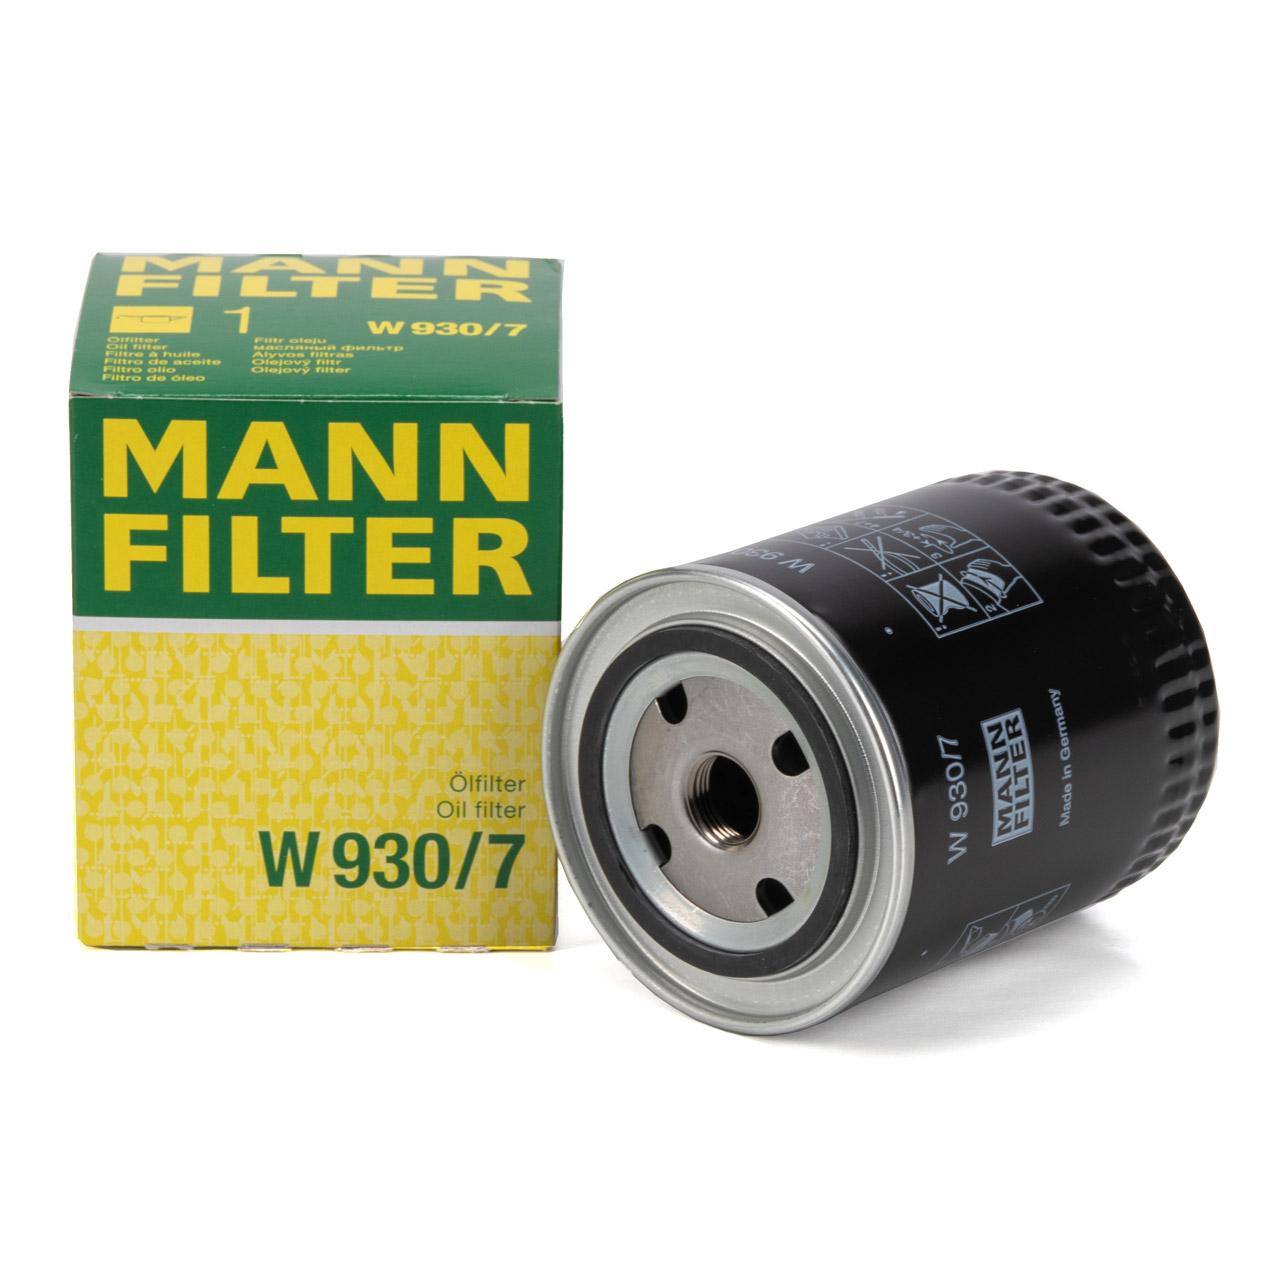 MANN W930/7 Ölfilter für CASE / IHC 744 833 844 INTERNATIONAL HARV. 743 844